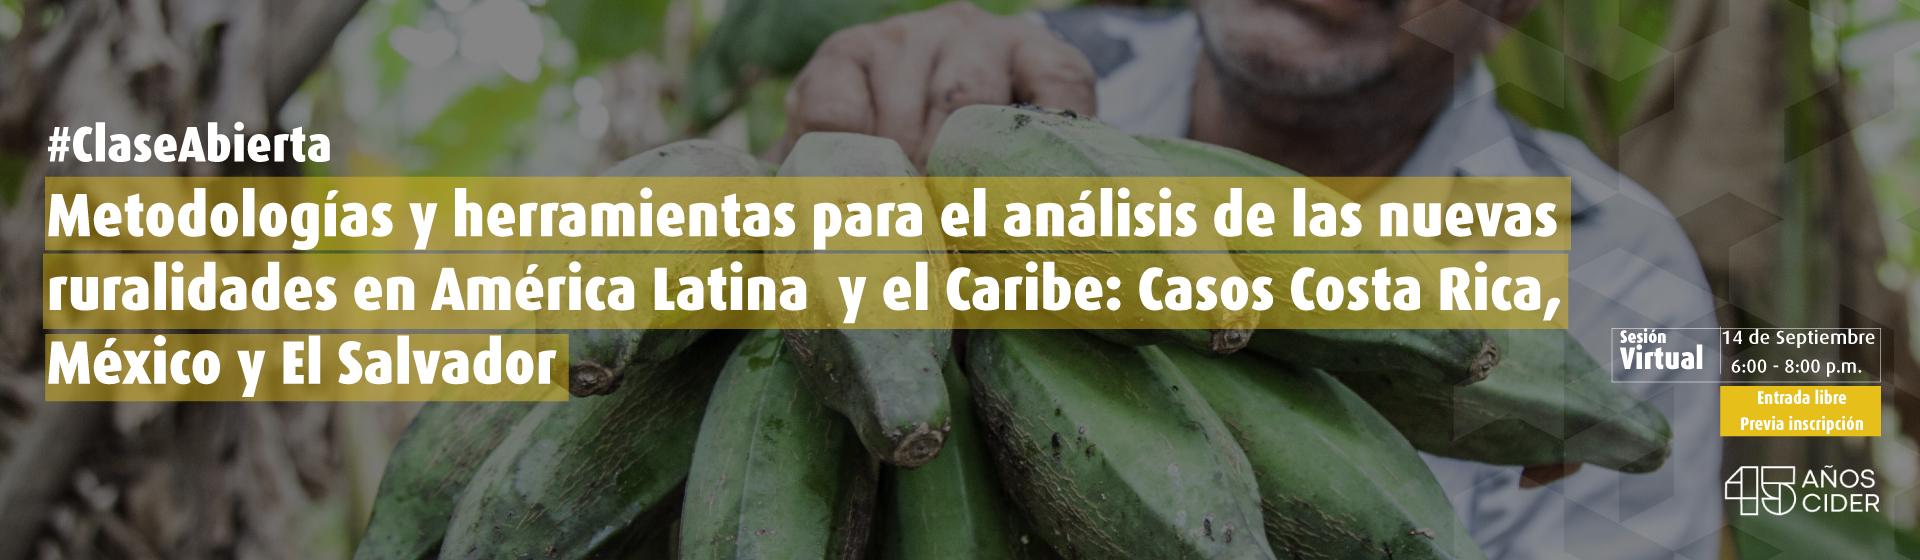 Metodologías y herramientas para el análisis de las nuevas ruralidades en América Latina y el Caribe: Casos Costa Rica, México y El Salvador